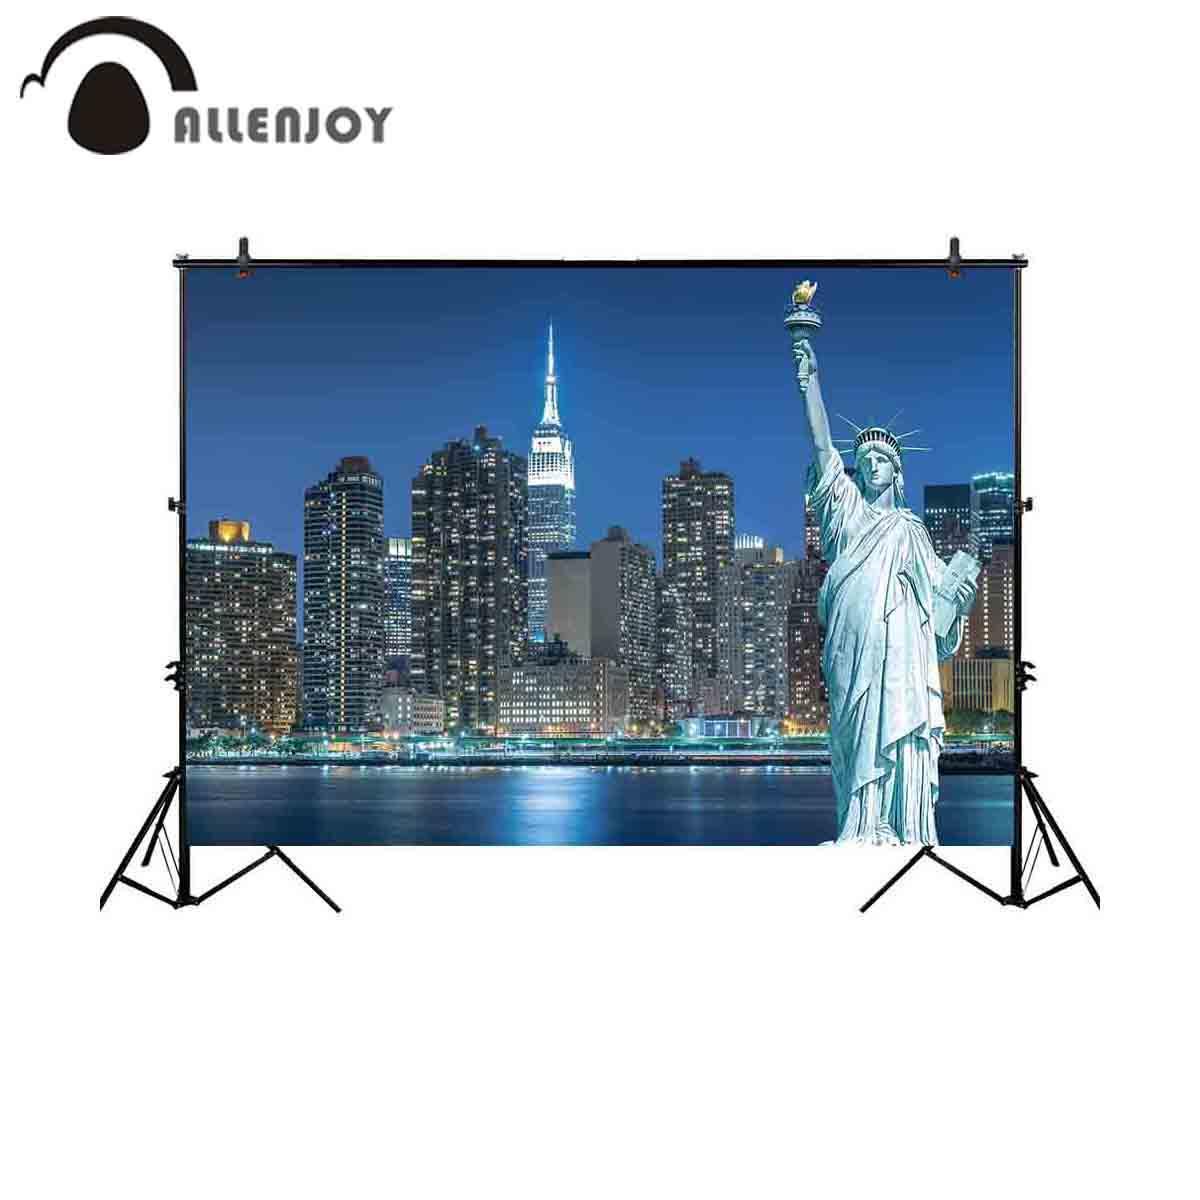 الجملة نيويورك خلفية للصور مدينة ليلة تمثال الحرية خلفية صورة تبادل لاطلاق النار دعامة صورة المتصل النسيج photobooth